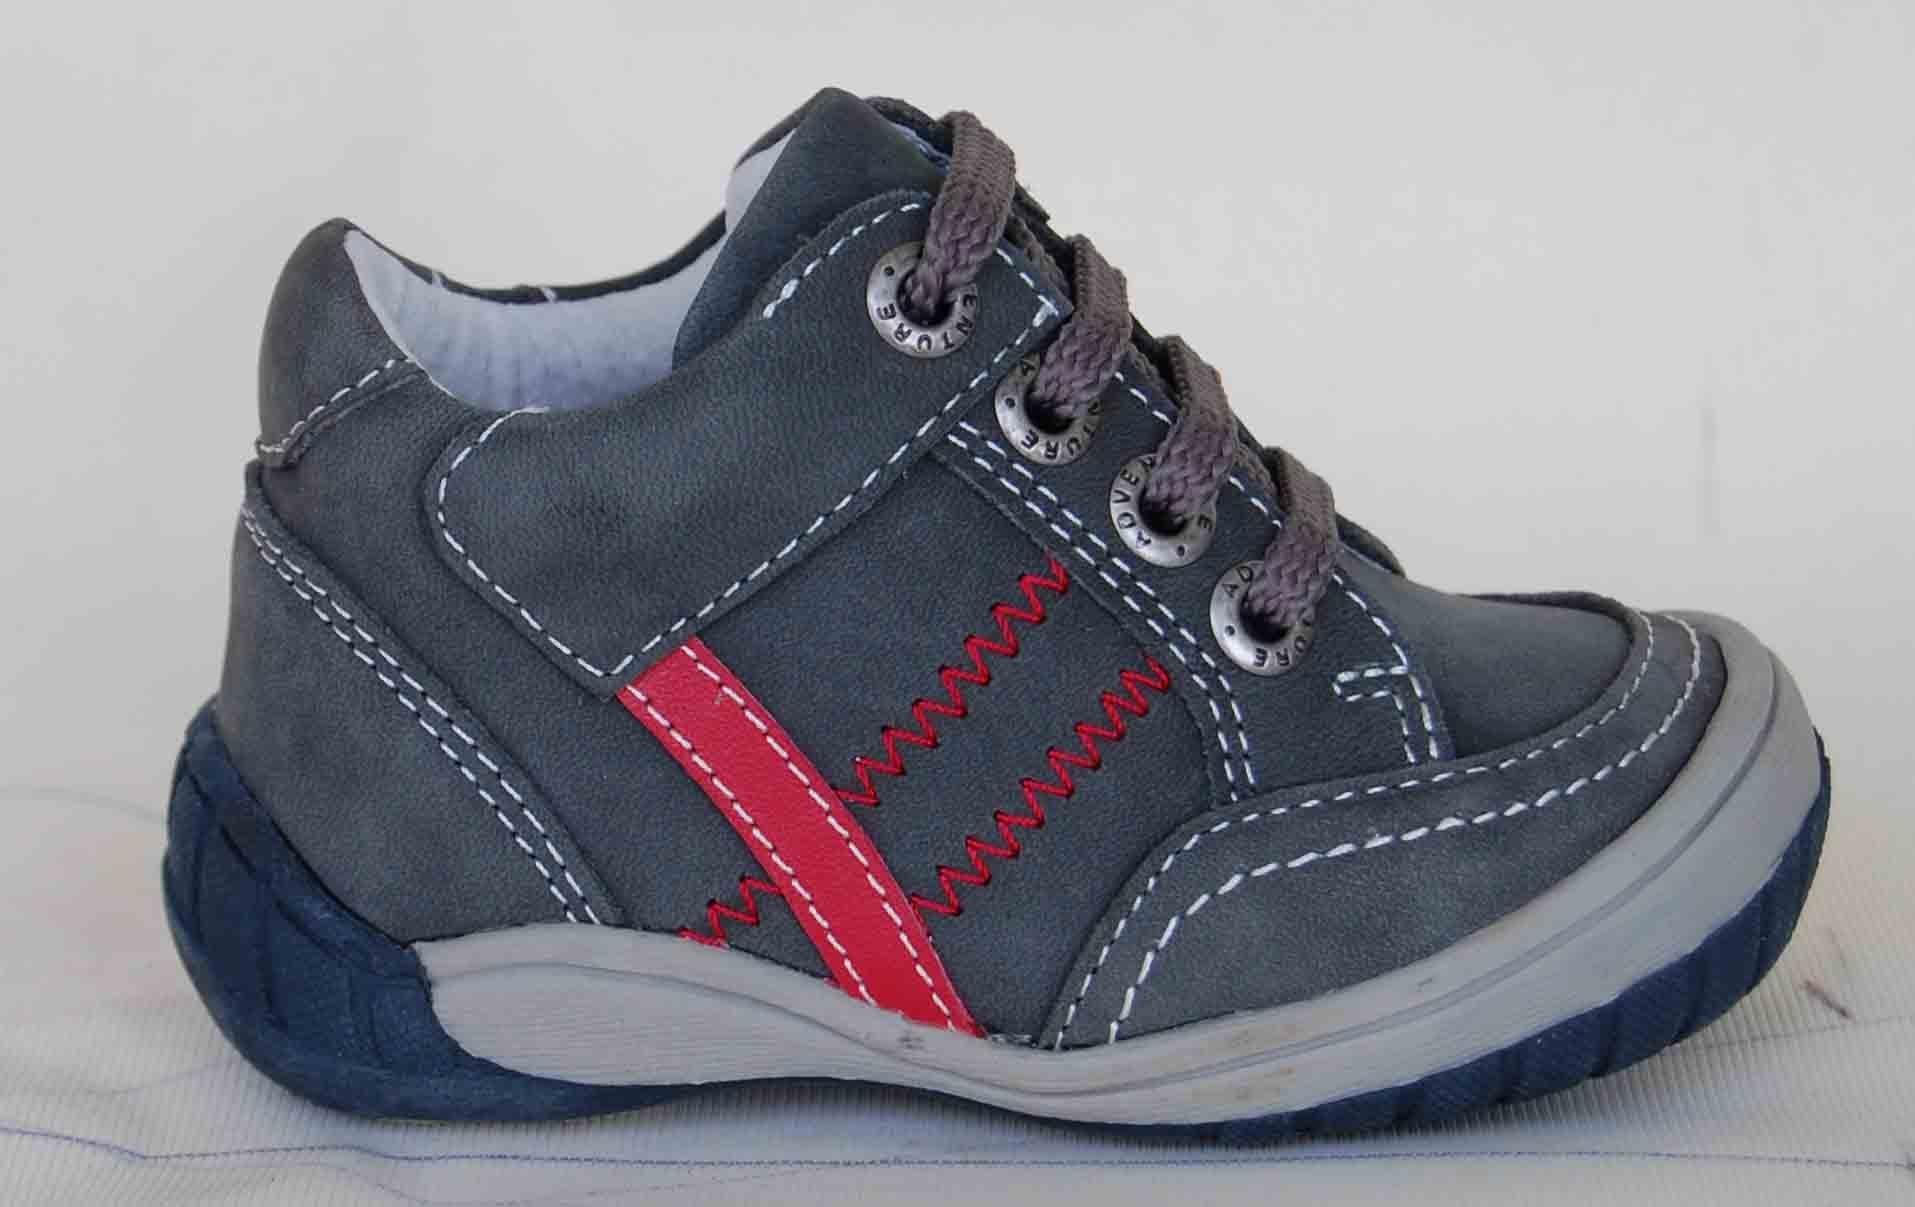 b11a8933f6c Naskladněny celoroční boty od slovenské firmy Protetika. Jedna se o  celokožené botičky s koženou stélkou (podpora nožní klenby)